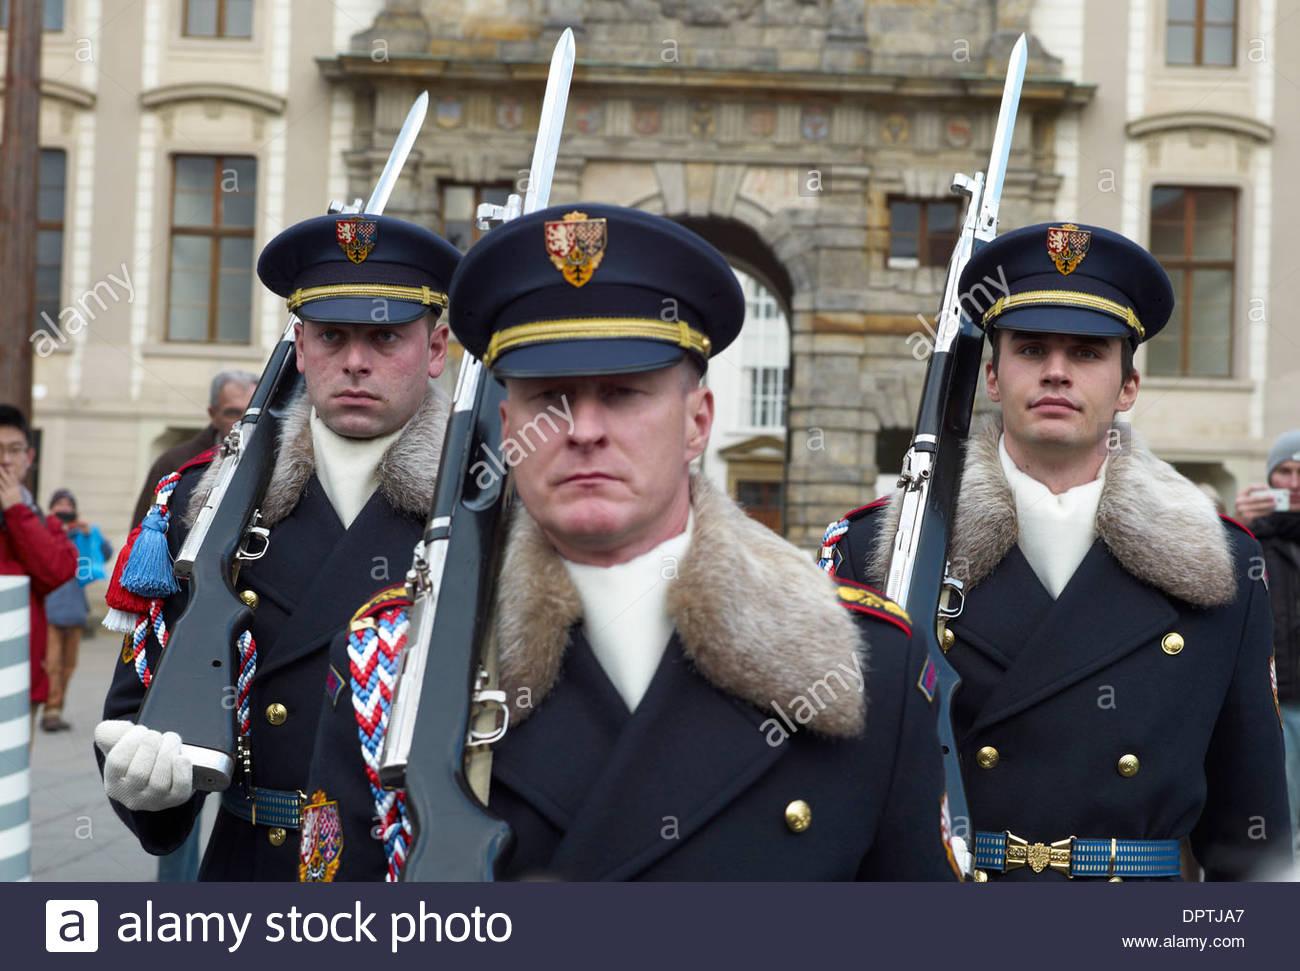 Guardias de castillo en castillo de Praga o Hradcany sede del presidente de la república checa. República Checa Imagen De Stock